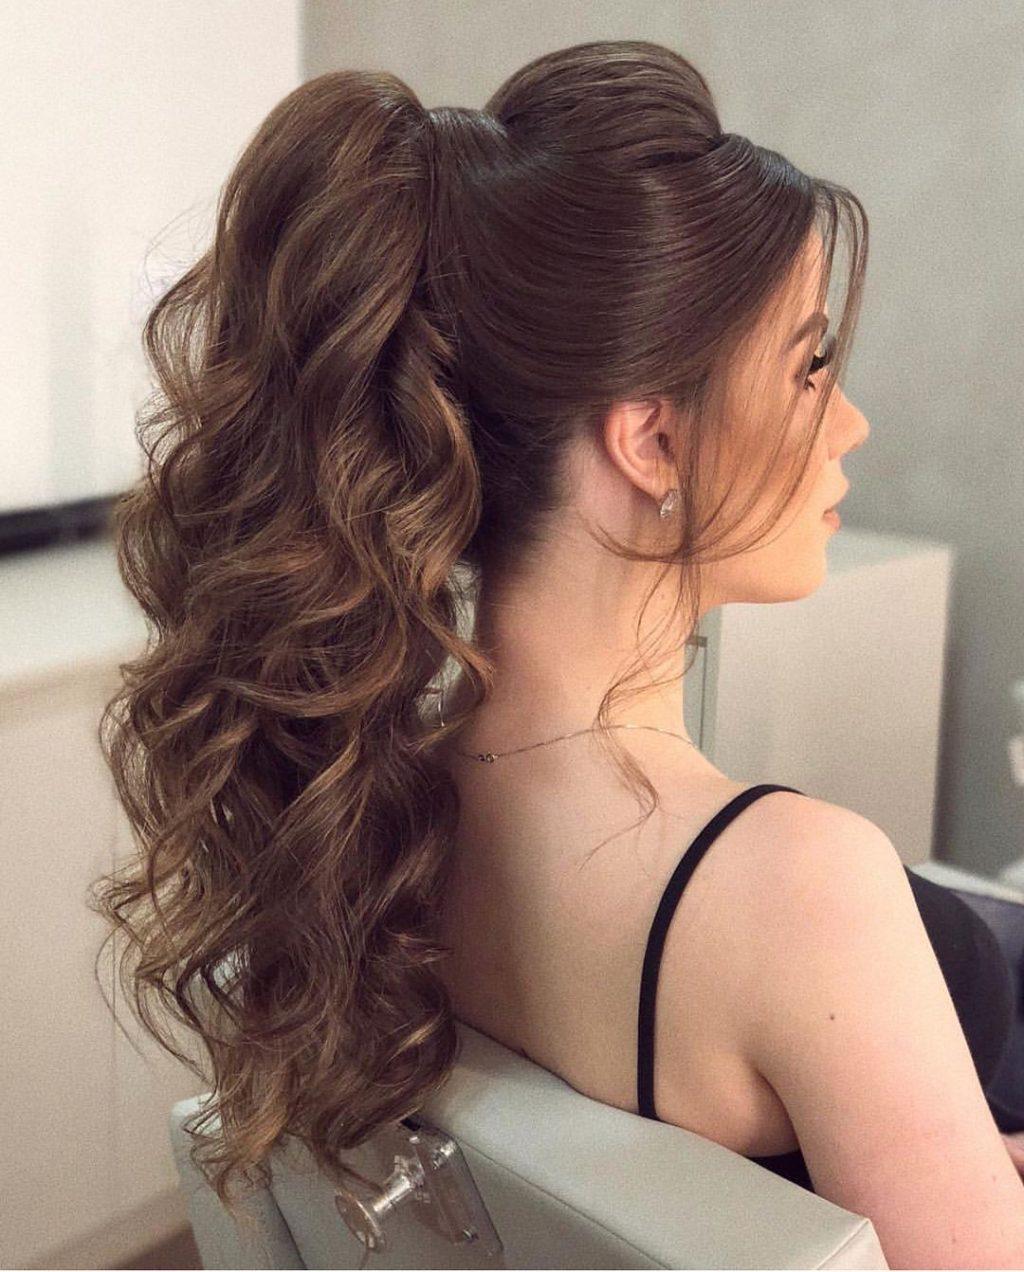 tóc đuôi ngựa mùa hè 29